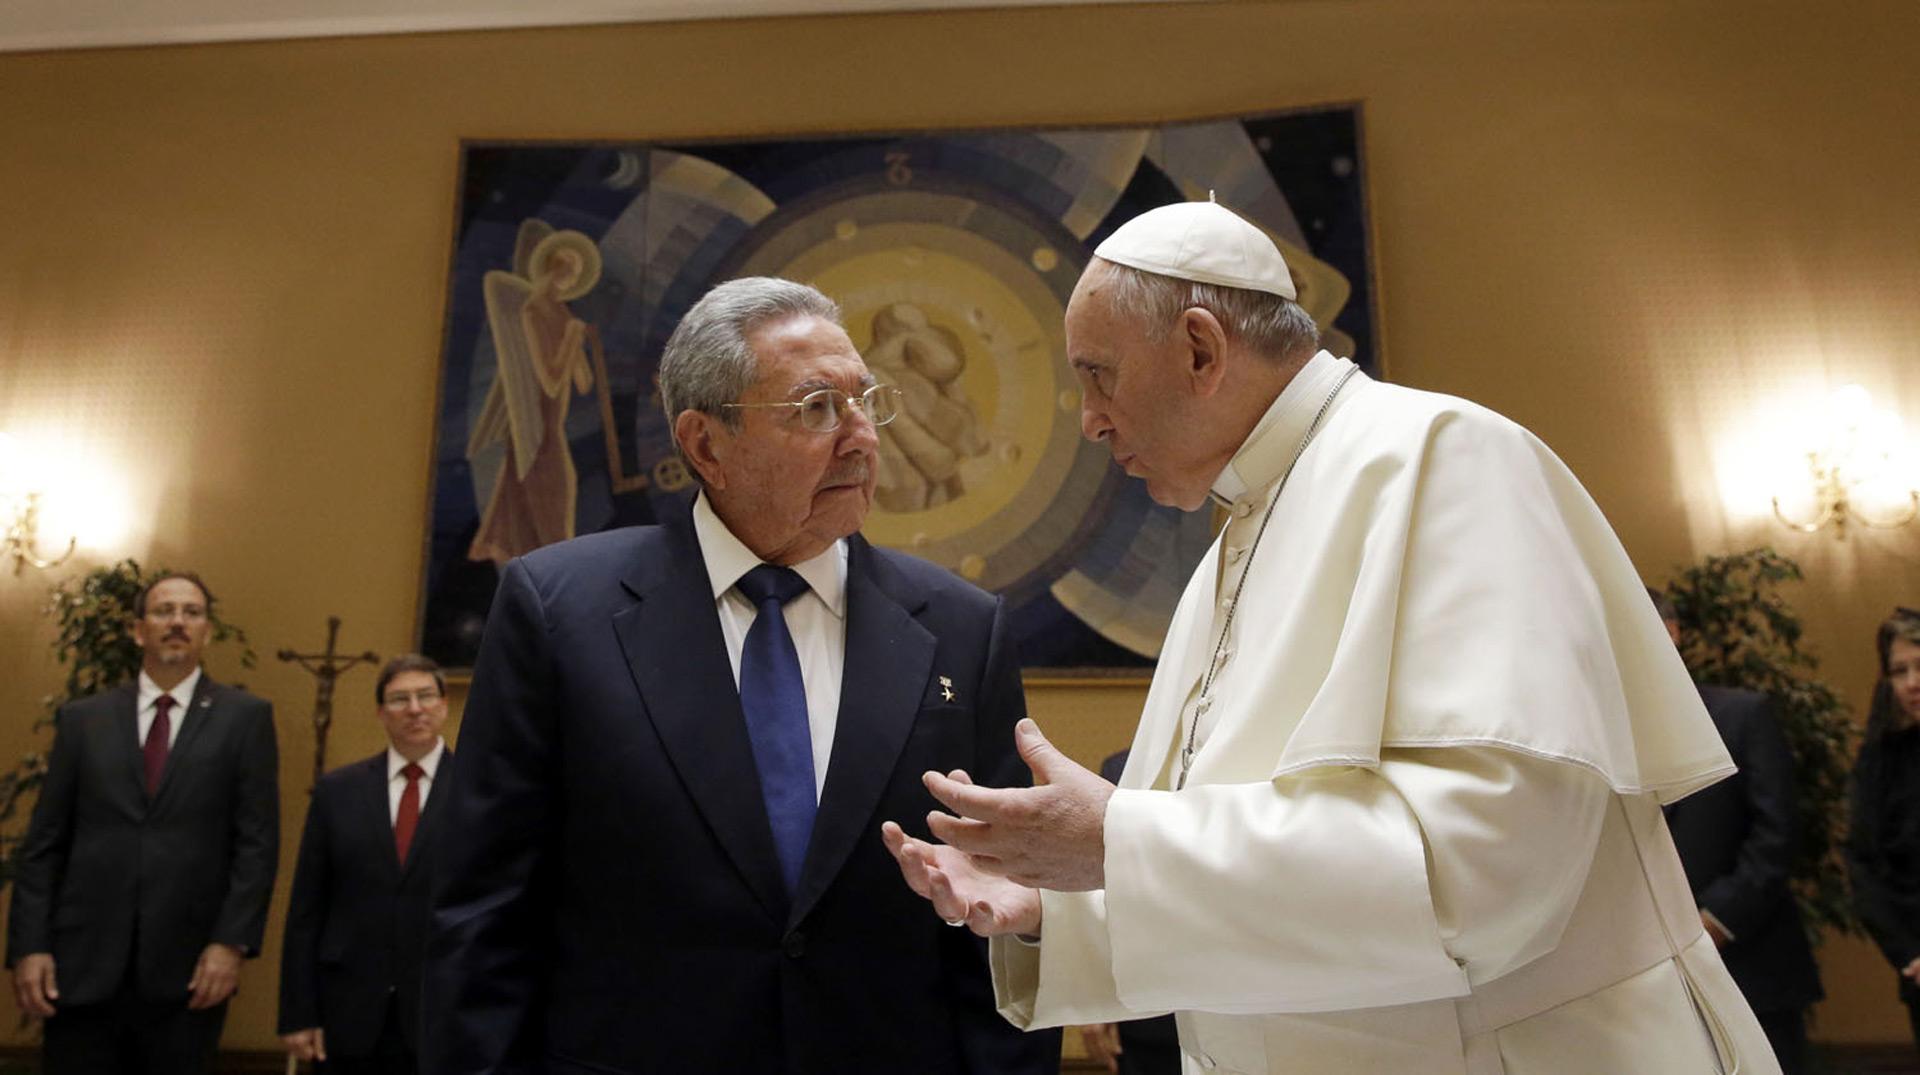 La medida se toma como un gesto debido a la próxima visita del papa Francisco